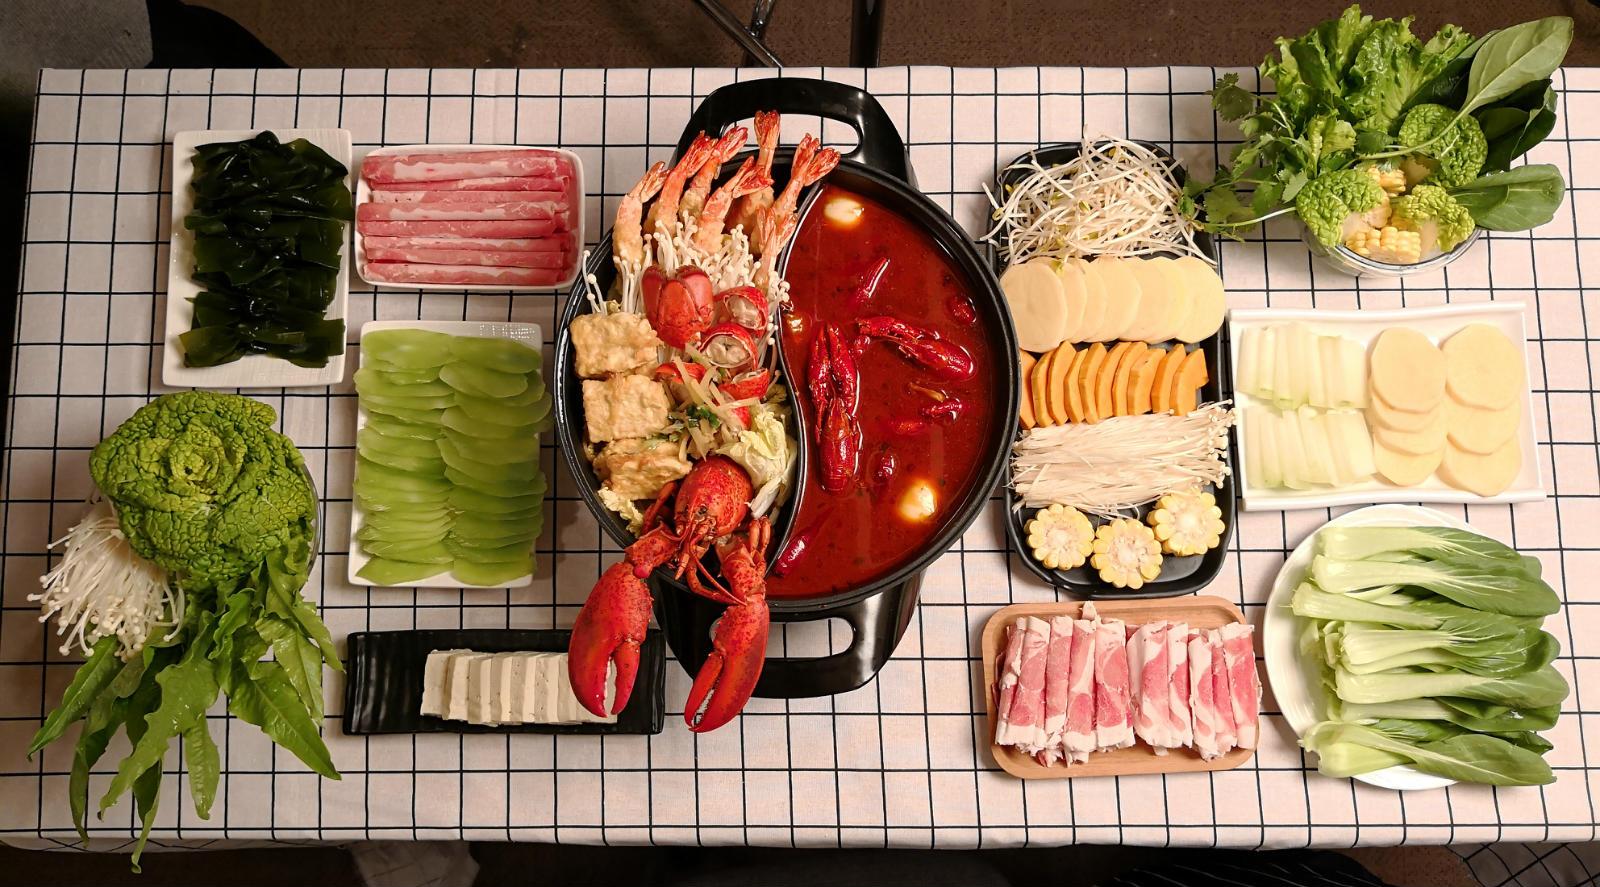 《情绪厨房》里的菜品_meitu_2